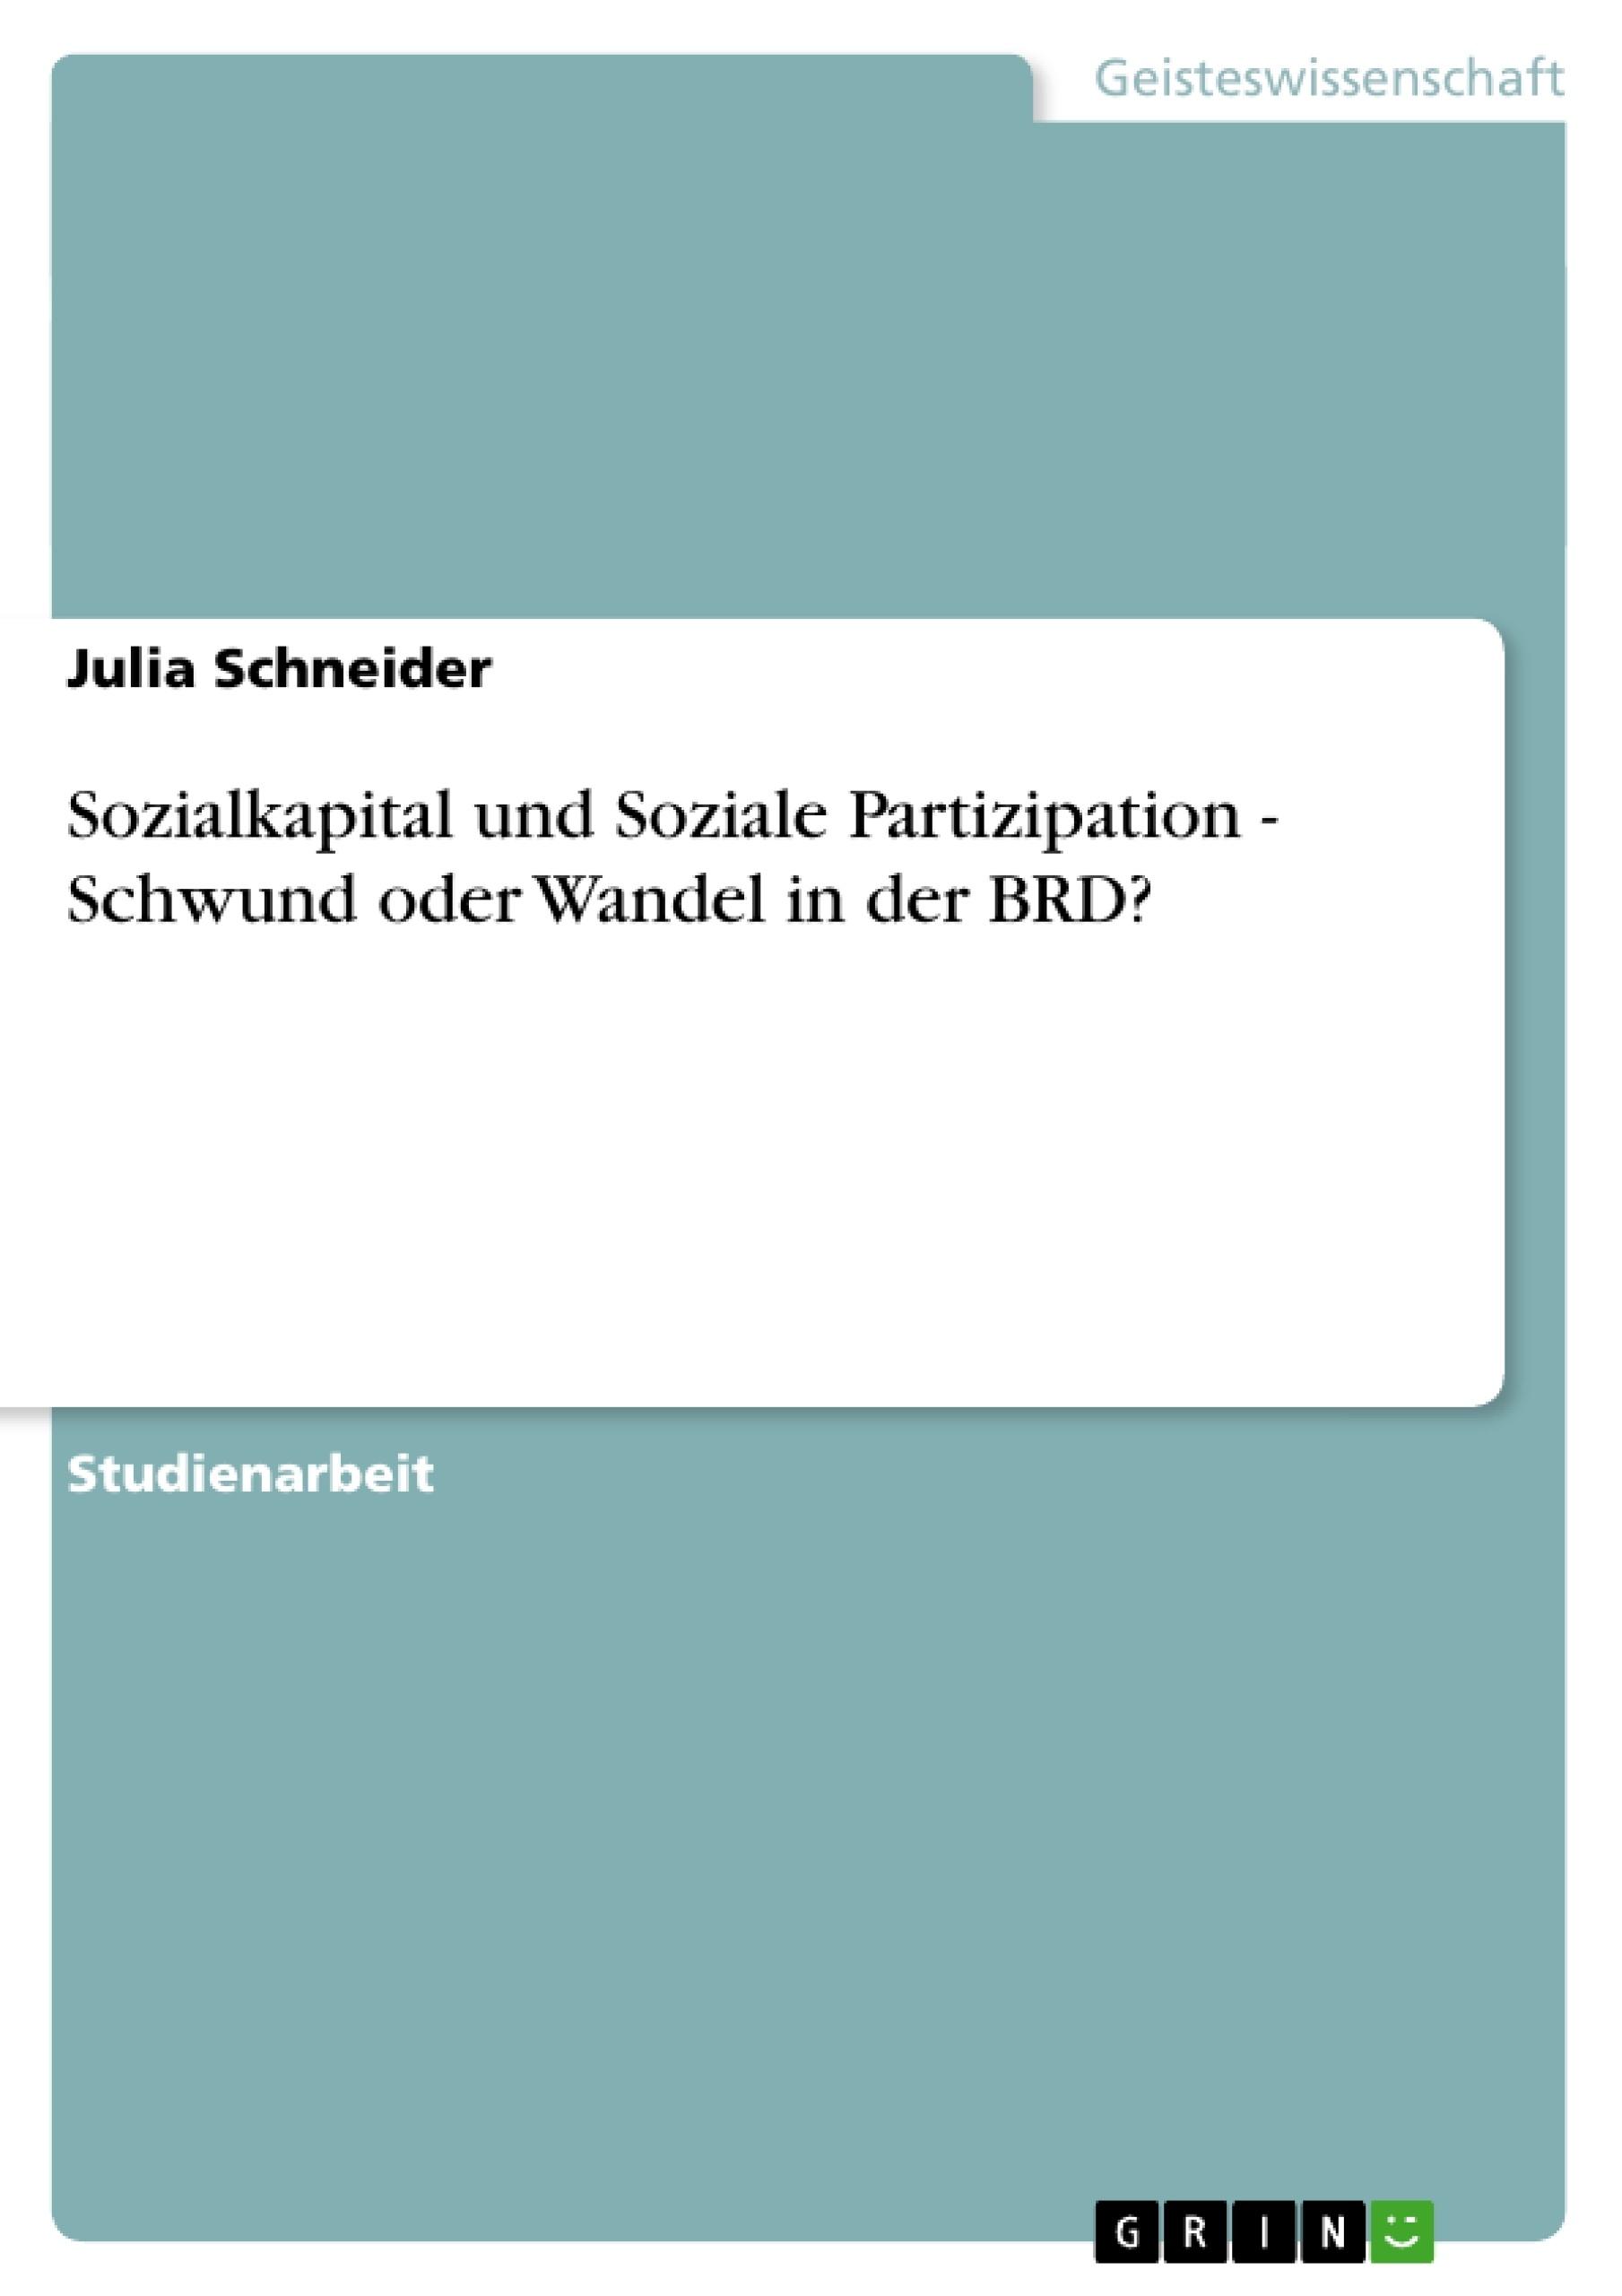 Titel: Sozialkapital und Soziale Partizipation - Schwund oder Wandel in der BRD?